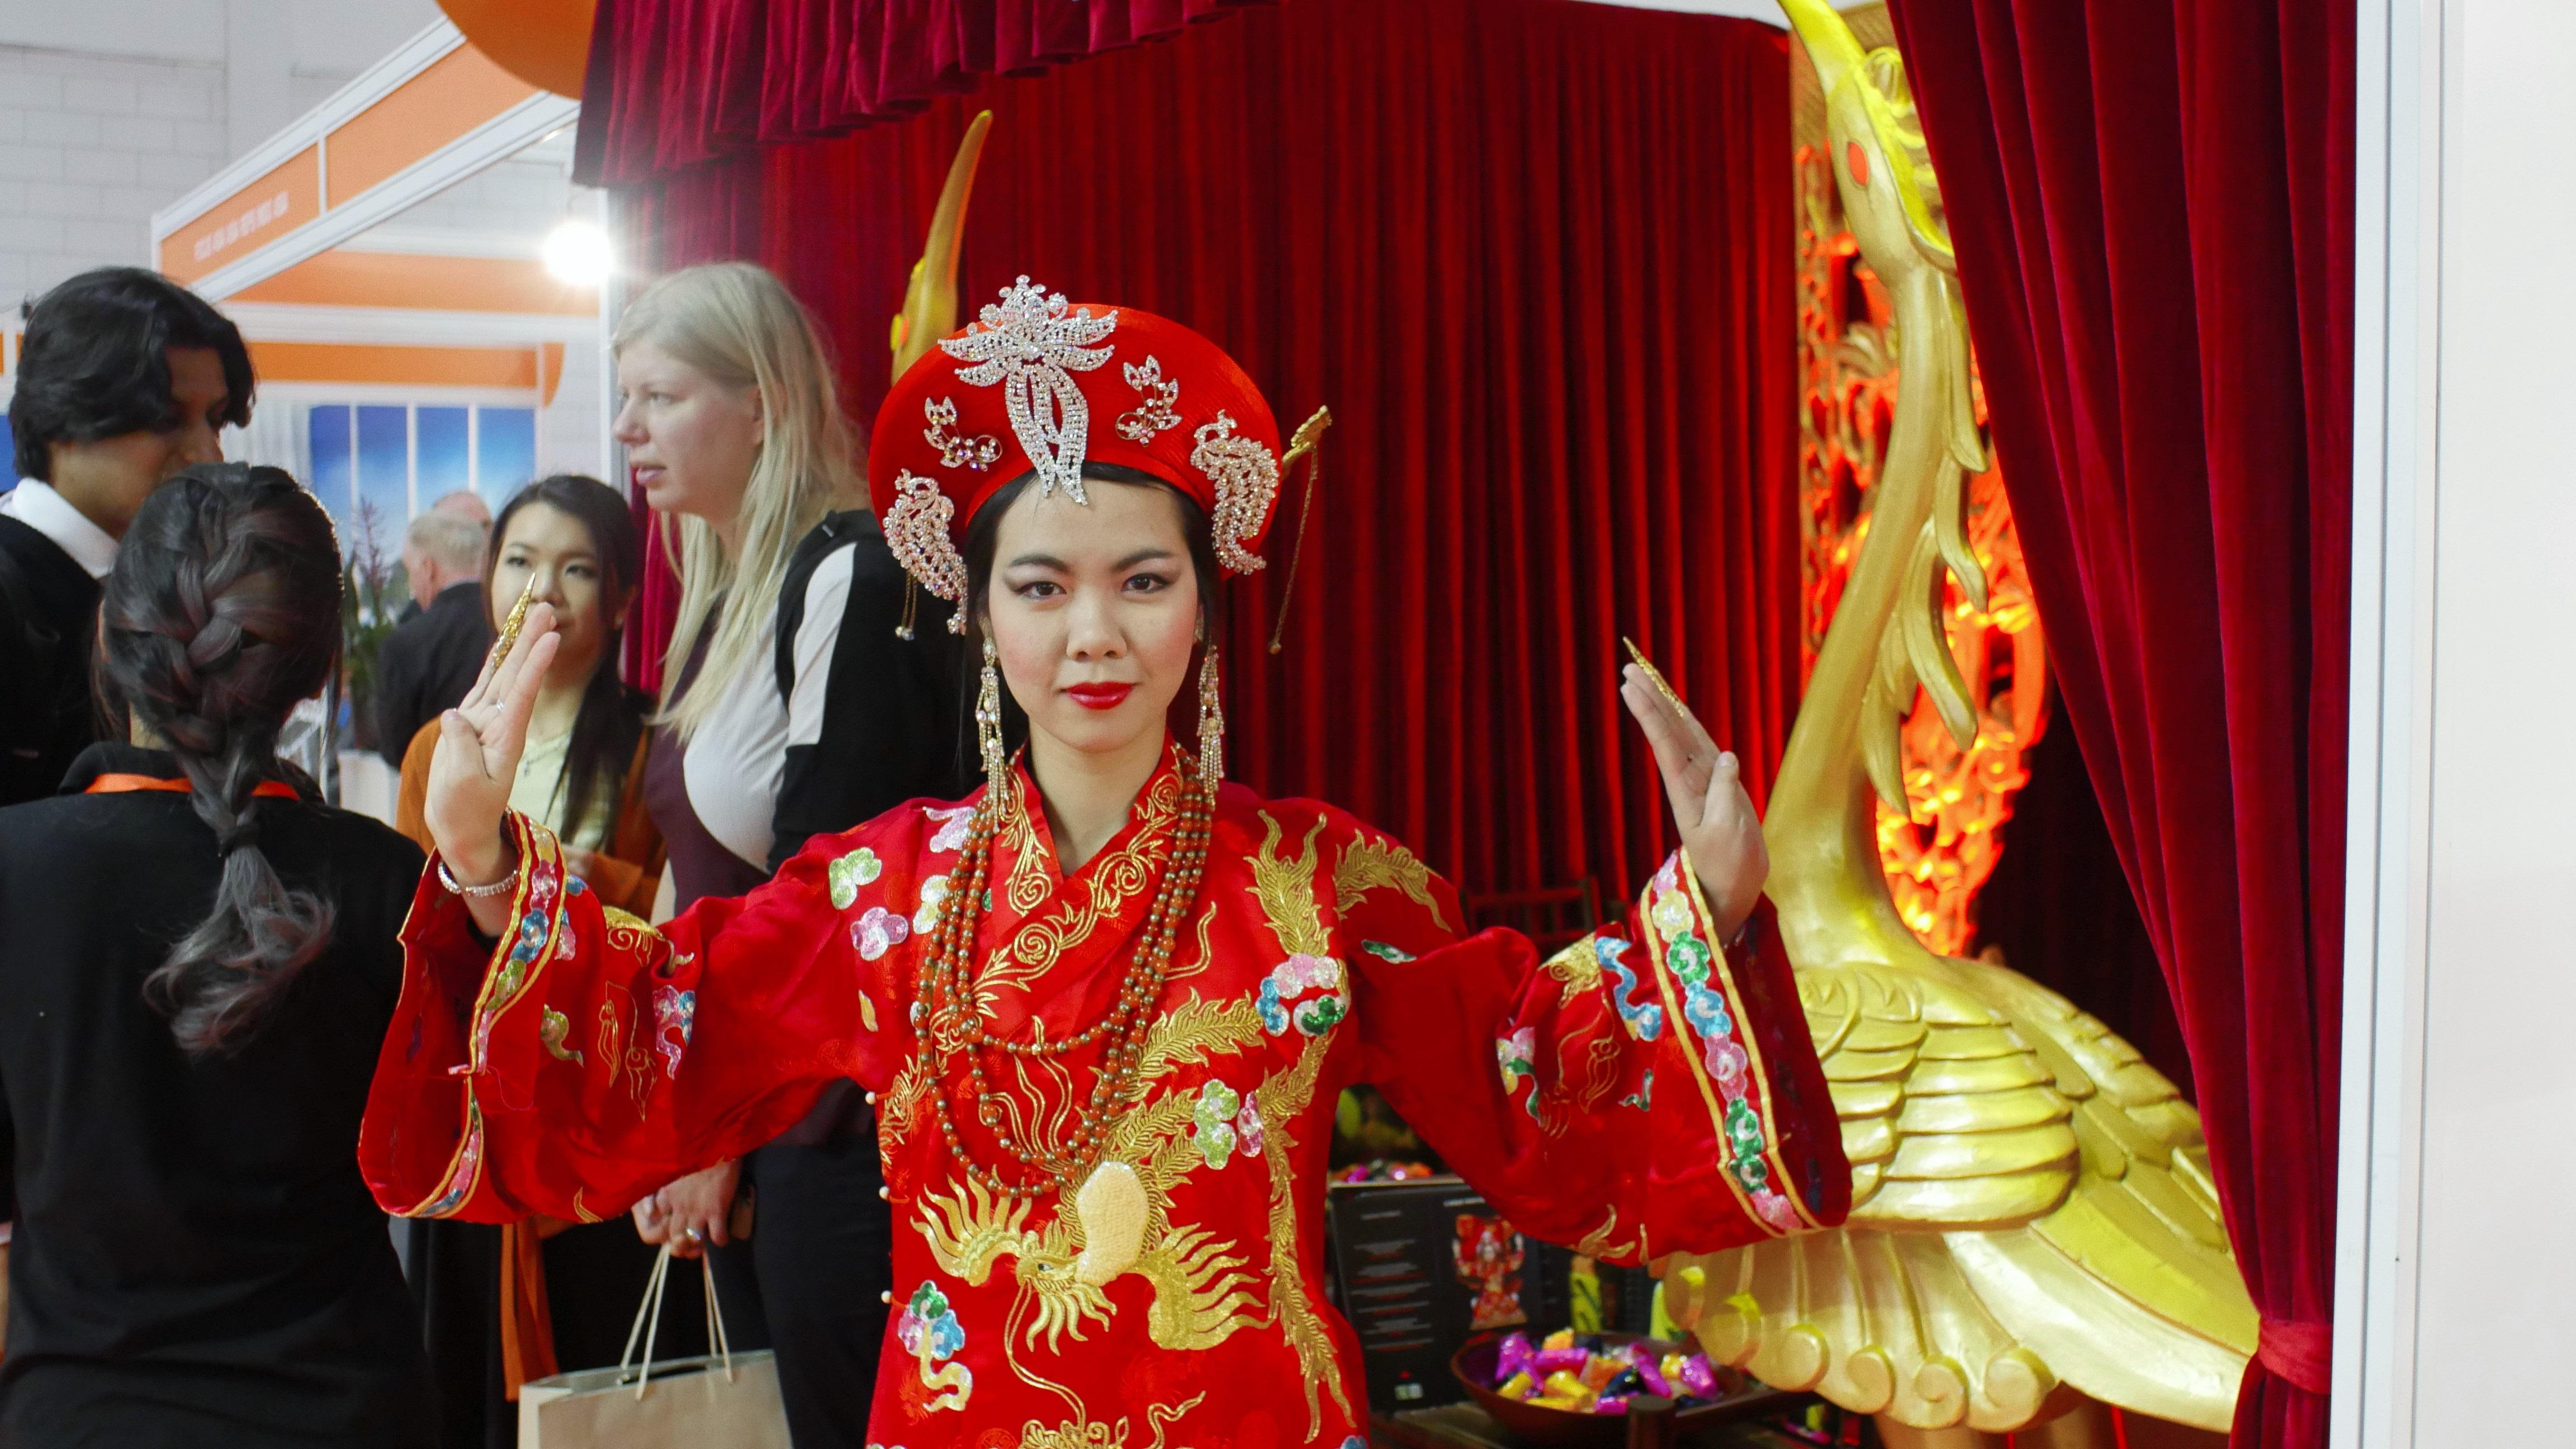 Mujeres con vestimenta tradicional asiática en World Travel Market